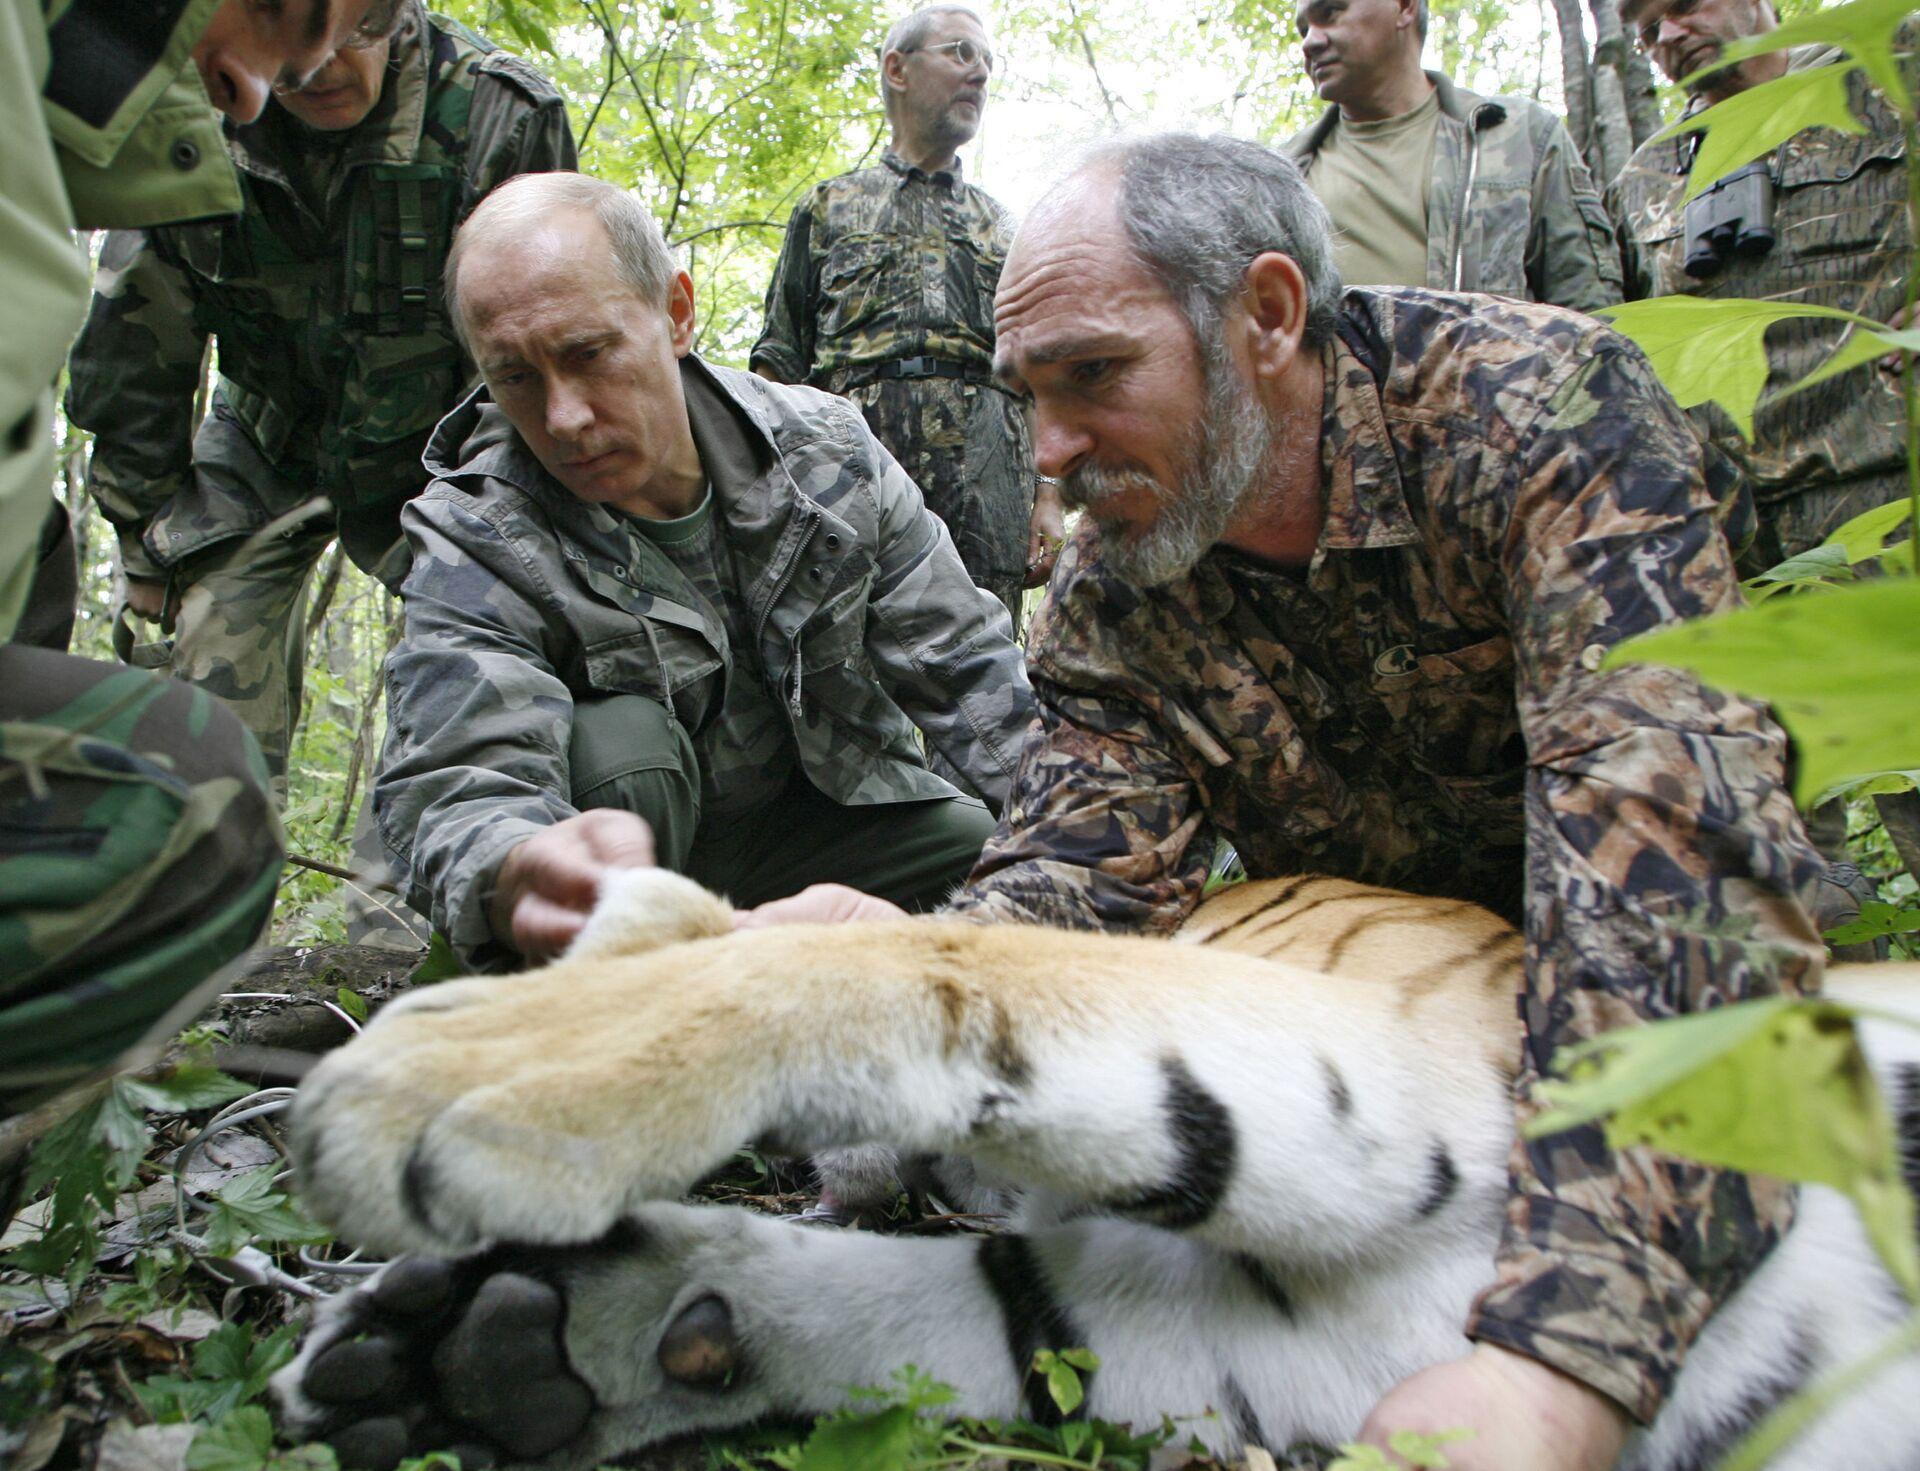 Ngày 31 tháng 8 năm 2008, ông Vladimir Putin và một nhân viên của Viện các vấn đề về sinh thái và tiến hóa mang tên A.N.Sivertsev thuộc RAS Victor Lukaretsky đang xem xét con hổ cái năm tuổi mà các nhà khoa học bắt được - Sputnik Việt Nam, 1920, 05.10.2021